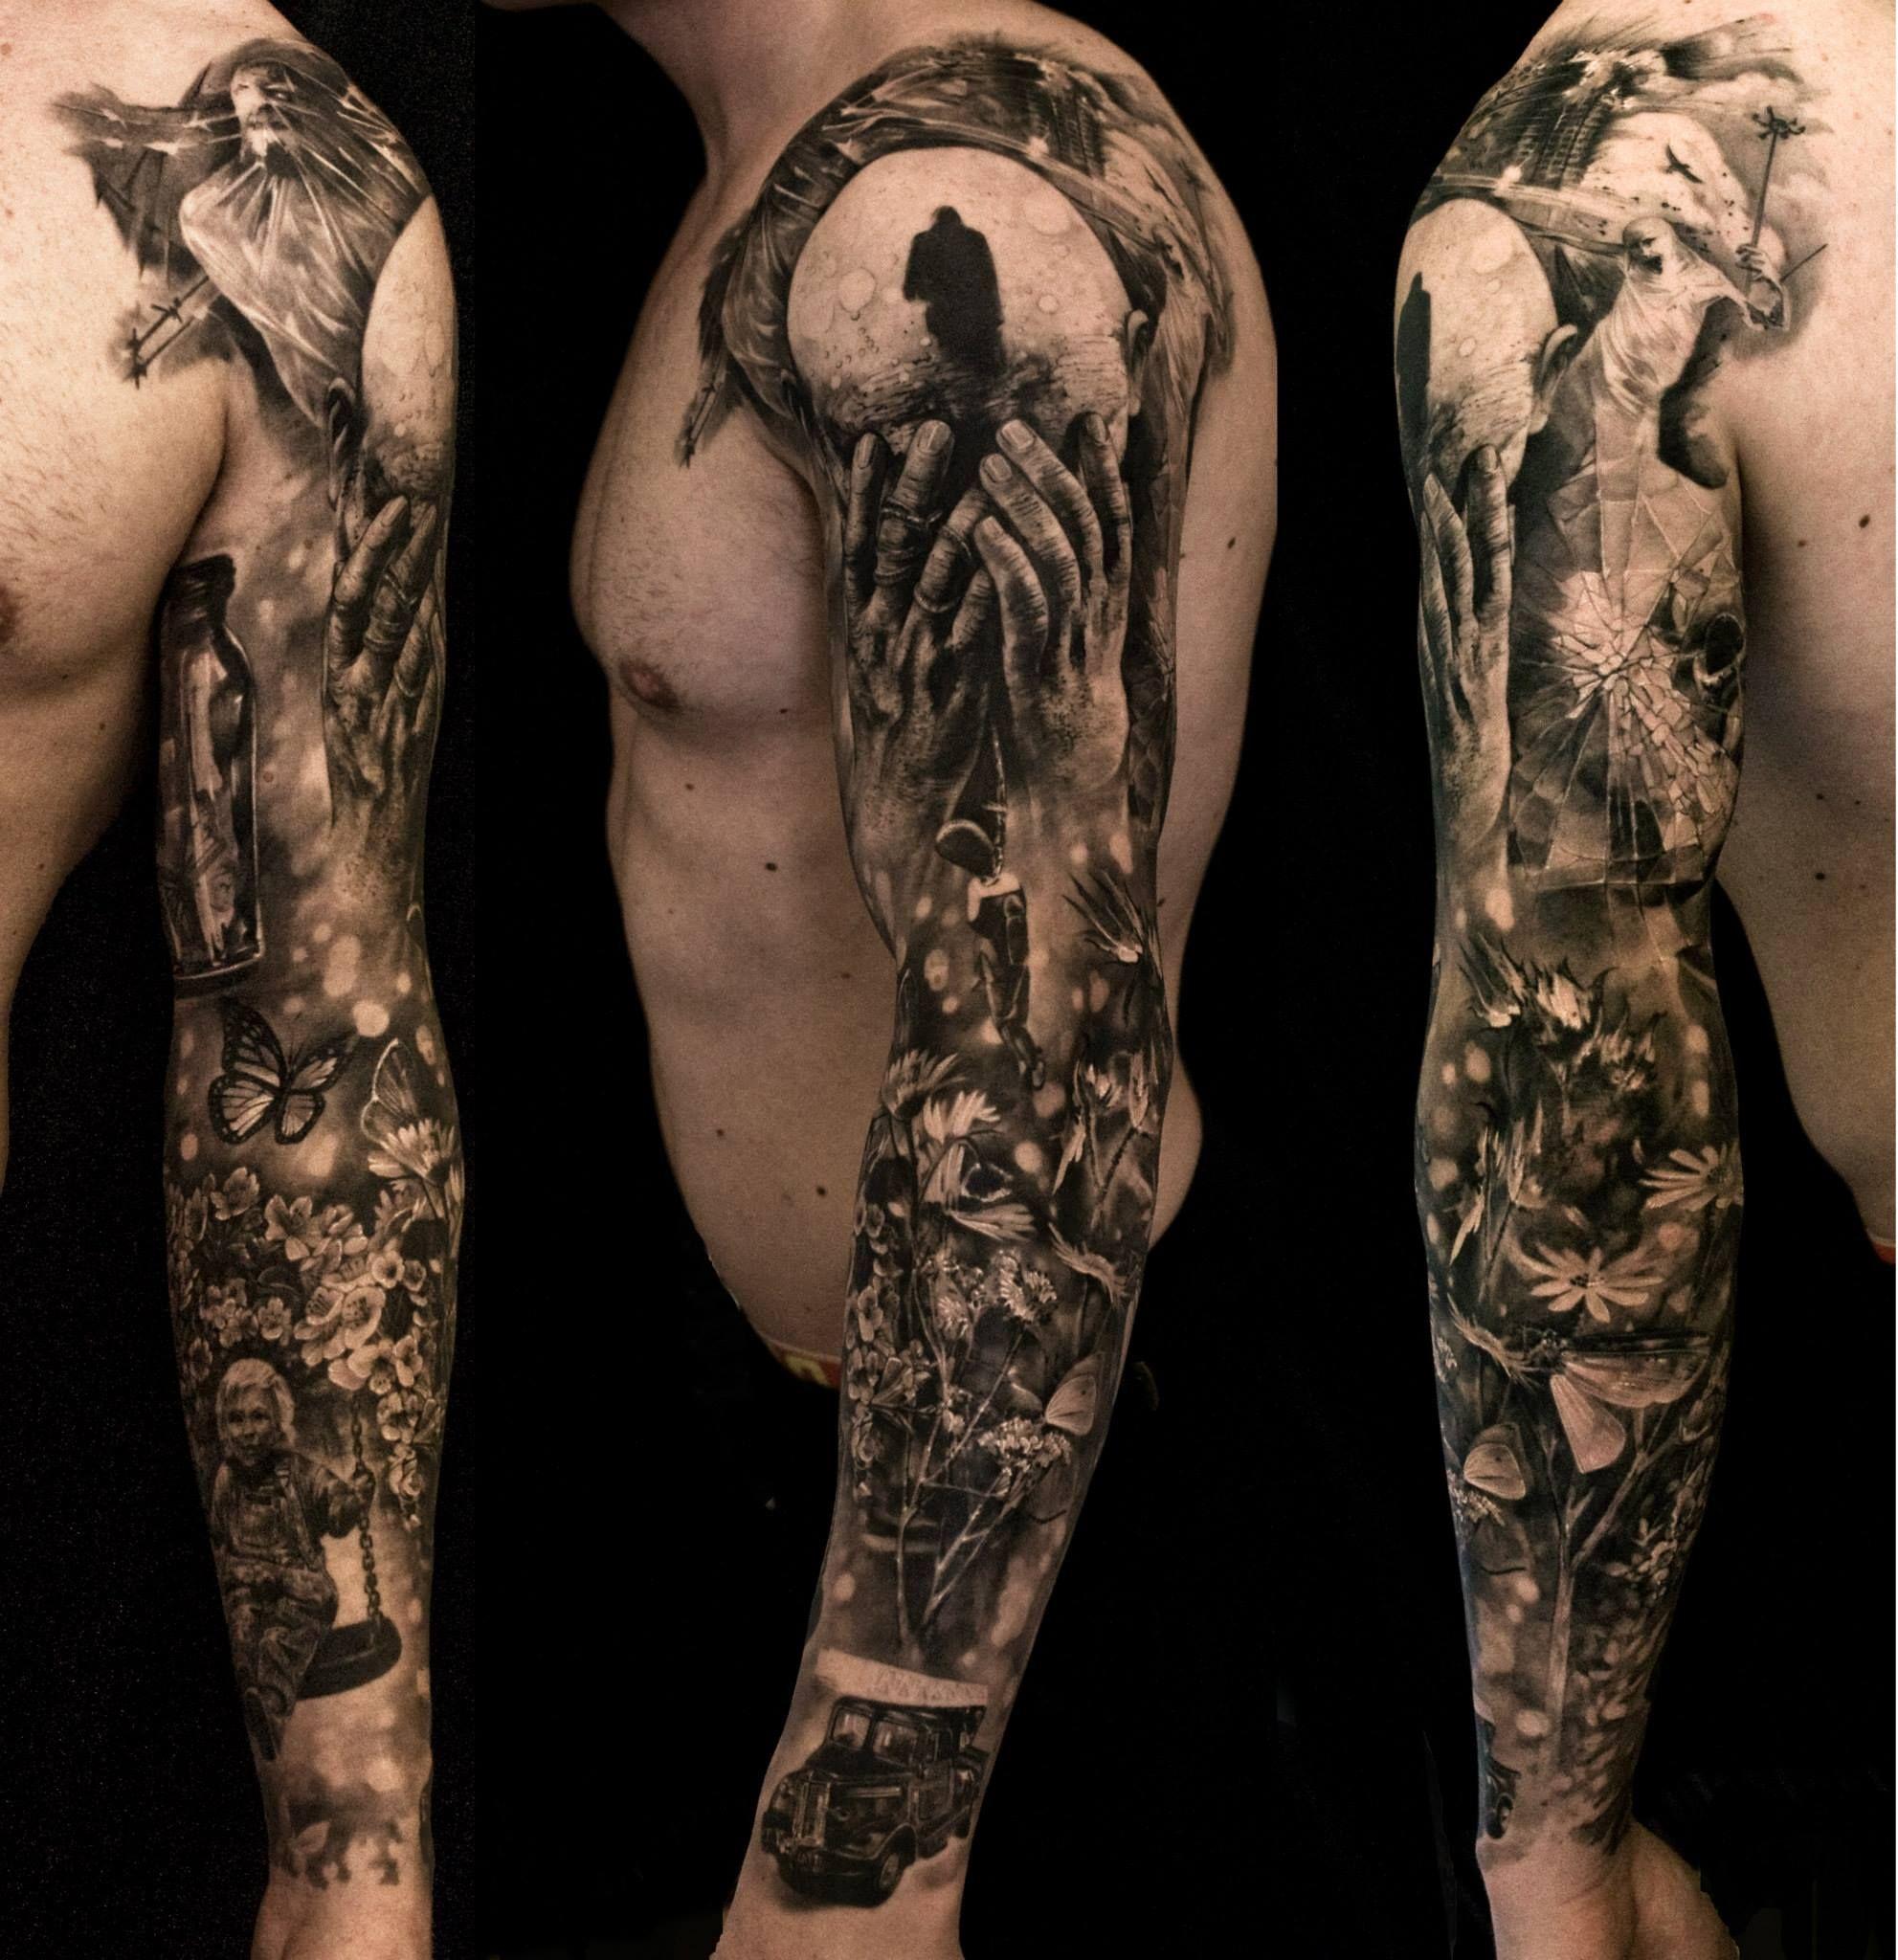 carl l fqvist wicked tattoo sweden ink pinterest. Black Bedroom Furniture Sets. Home Design Ideas